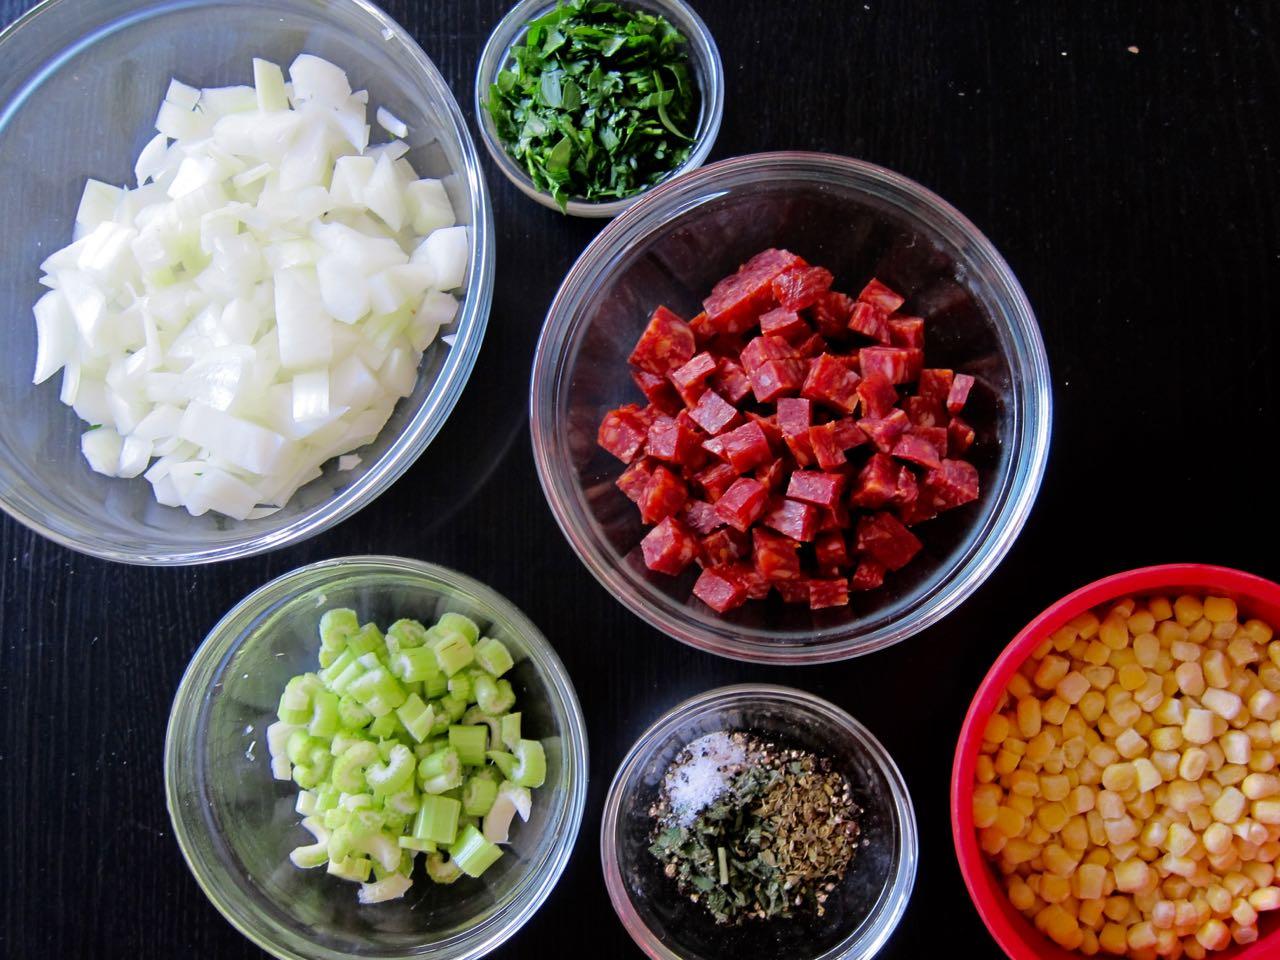 chorizo stuffing ingredients.jpg